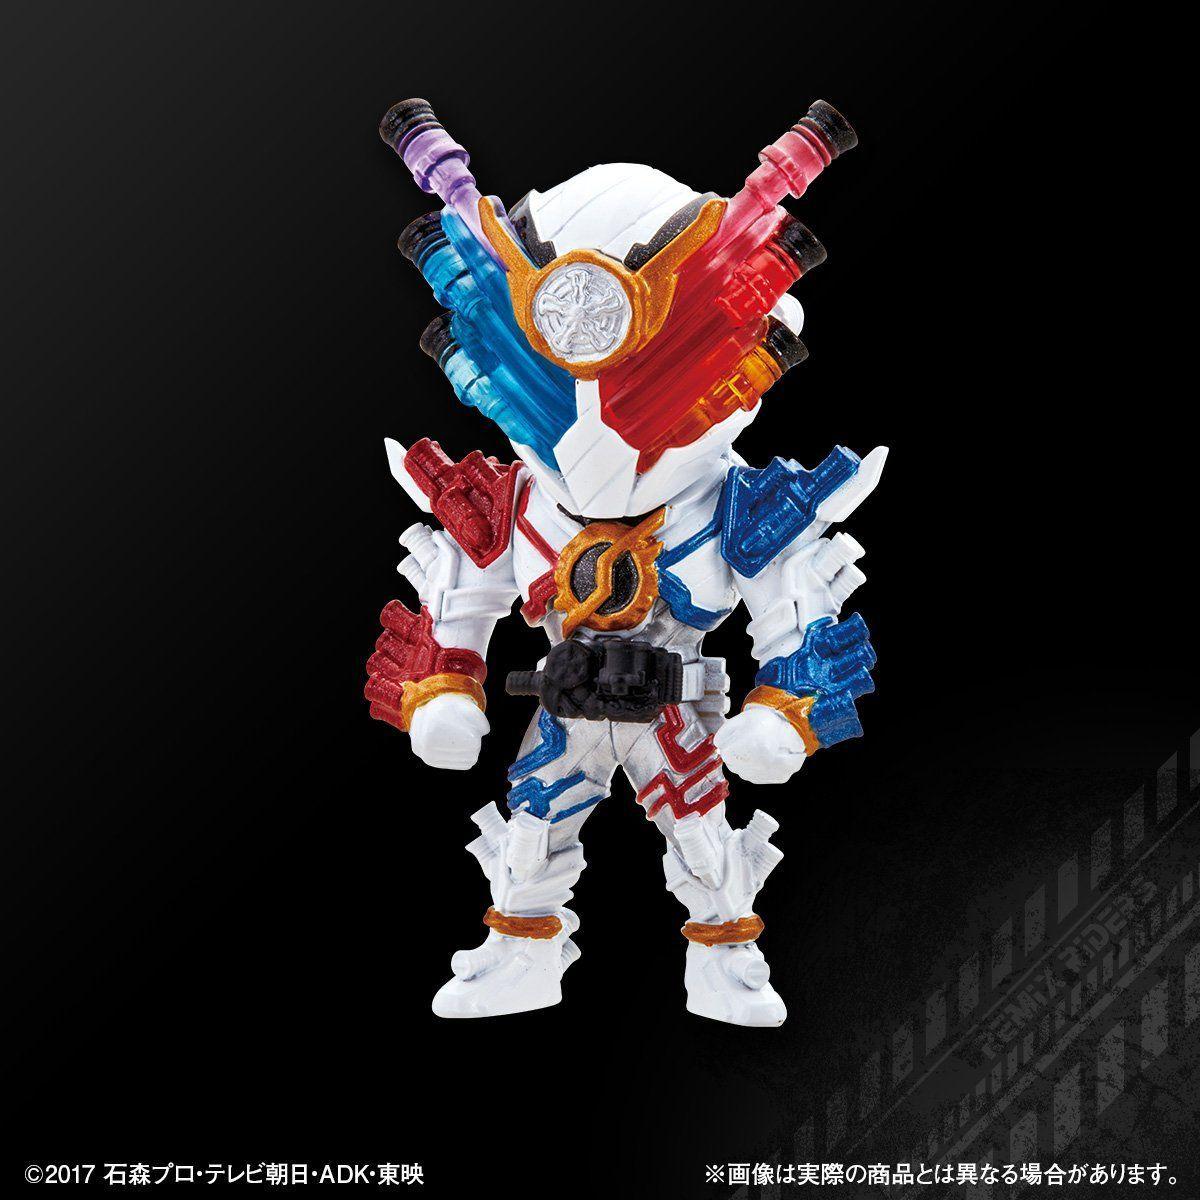 仮面ライダービルド『REMIX RIDERS PB02』ガシャポン-001